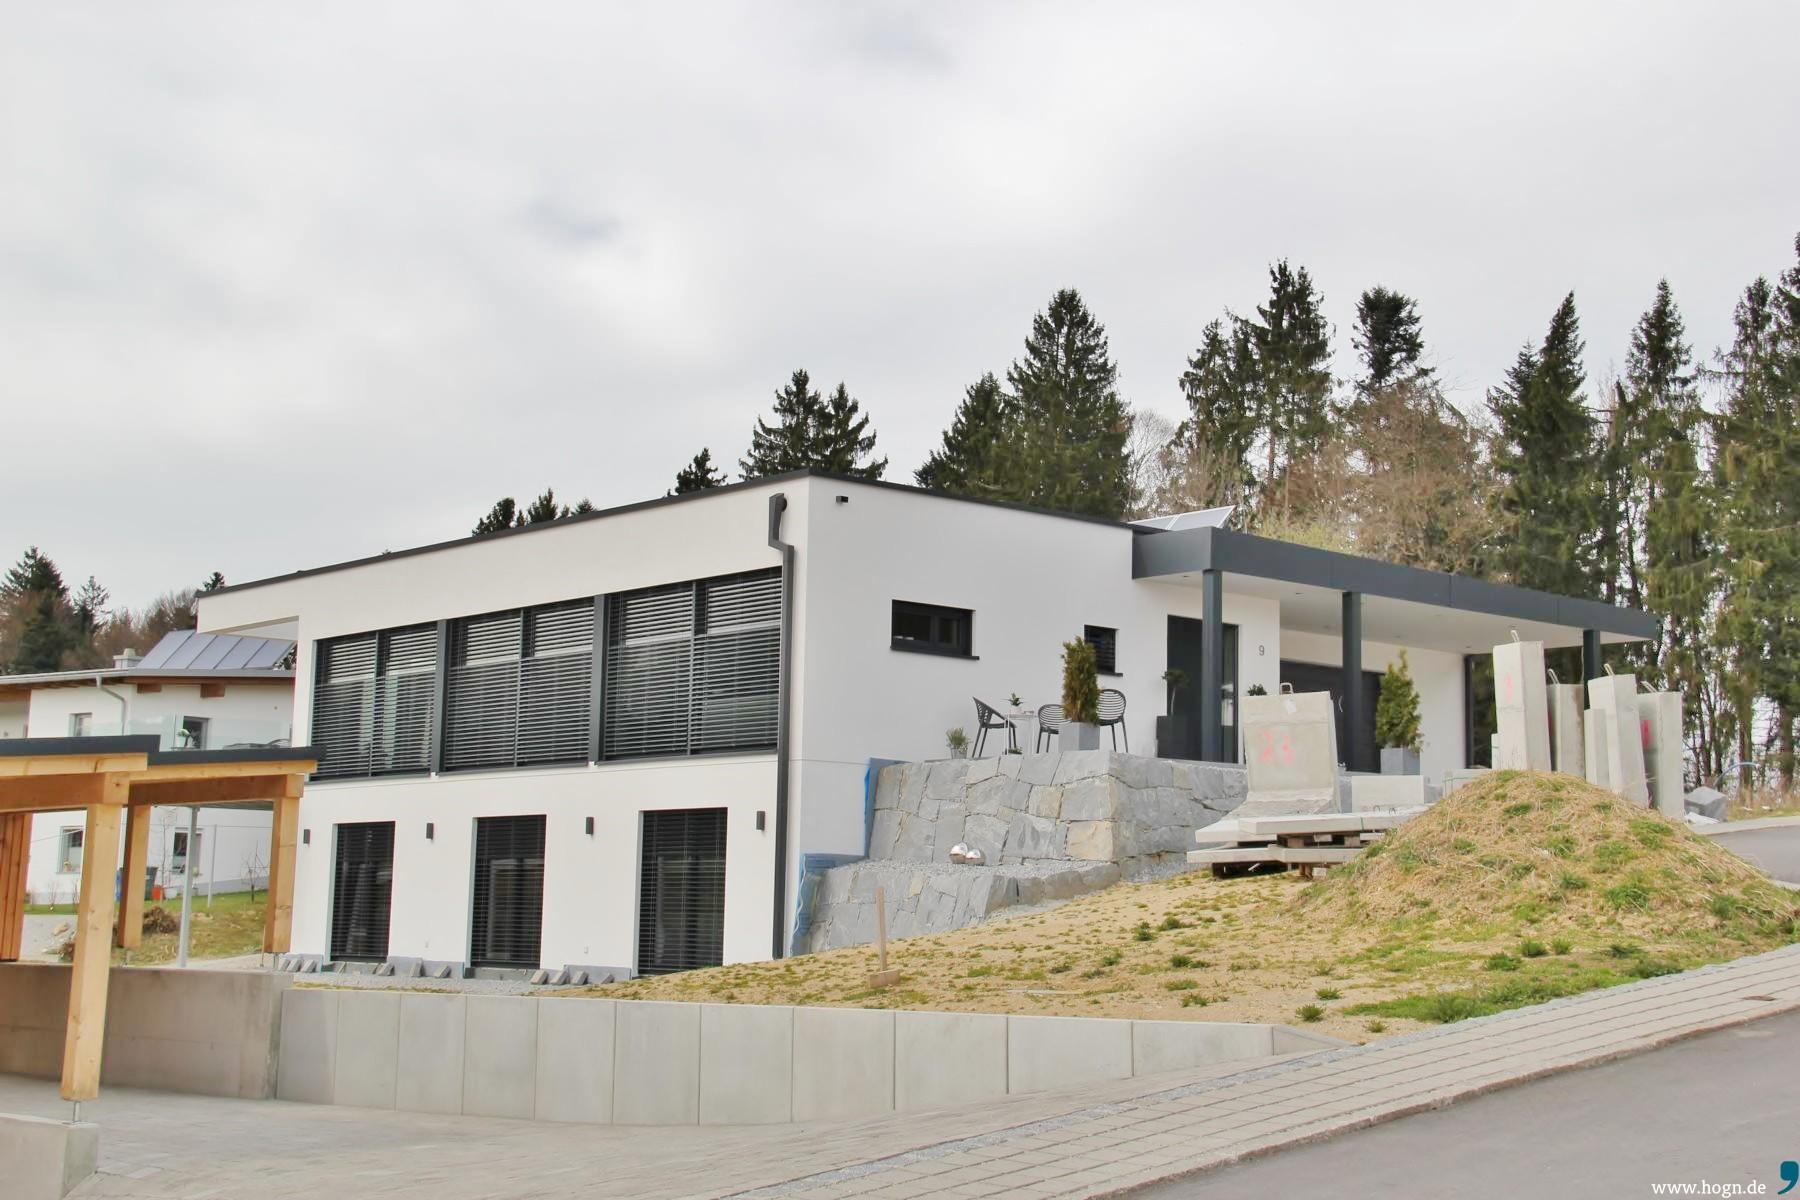 Neubau vs. Altbausanierung: Zwei Familien berichten von ihren ...